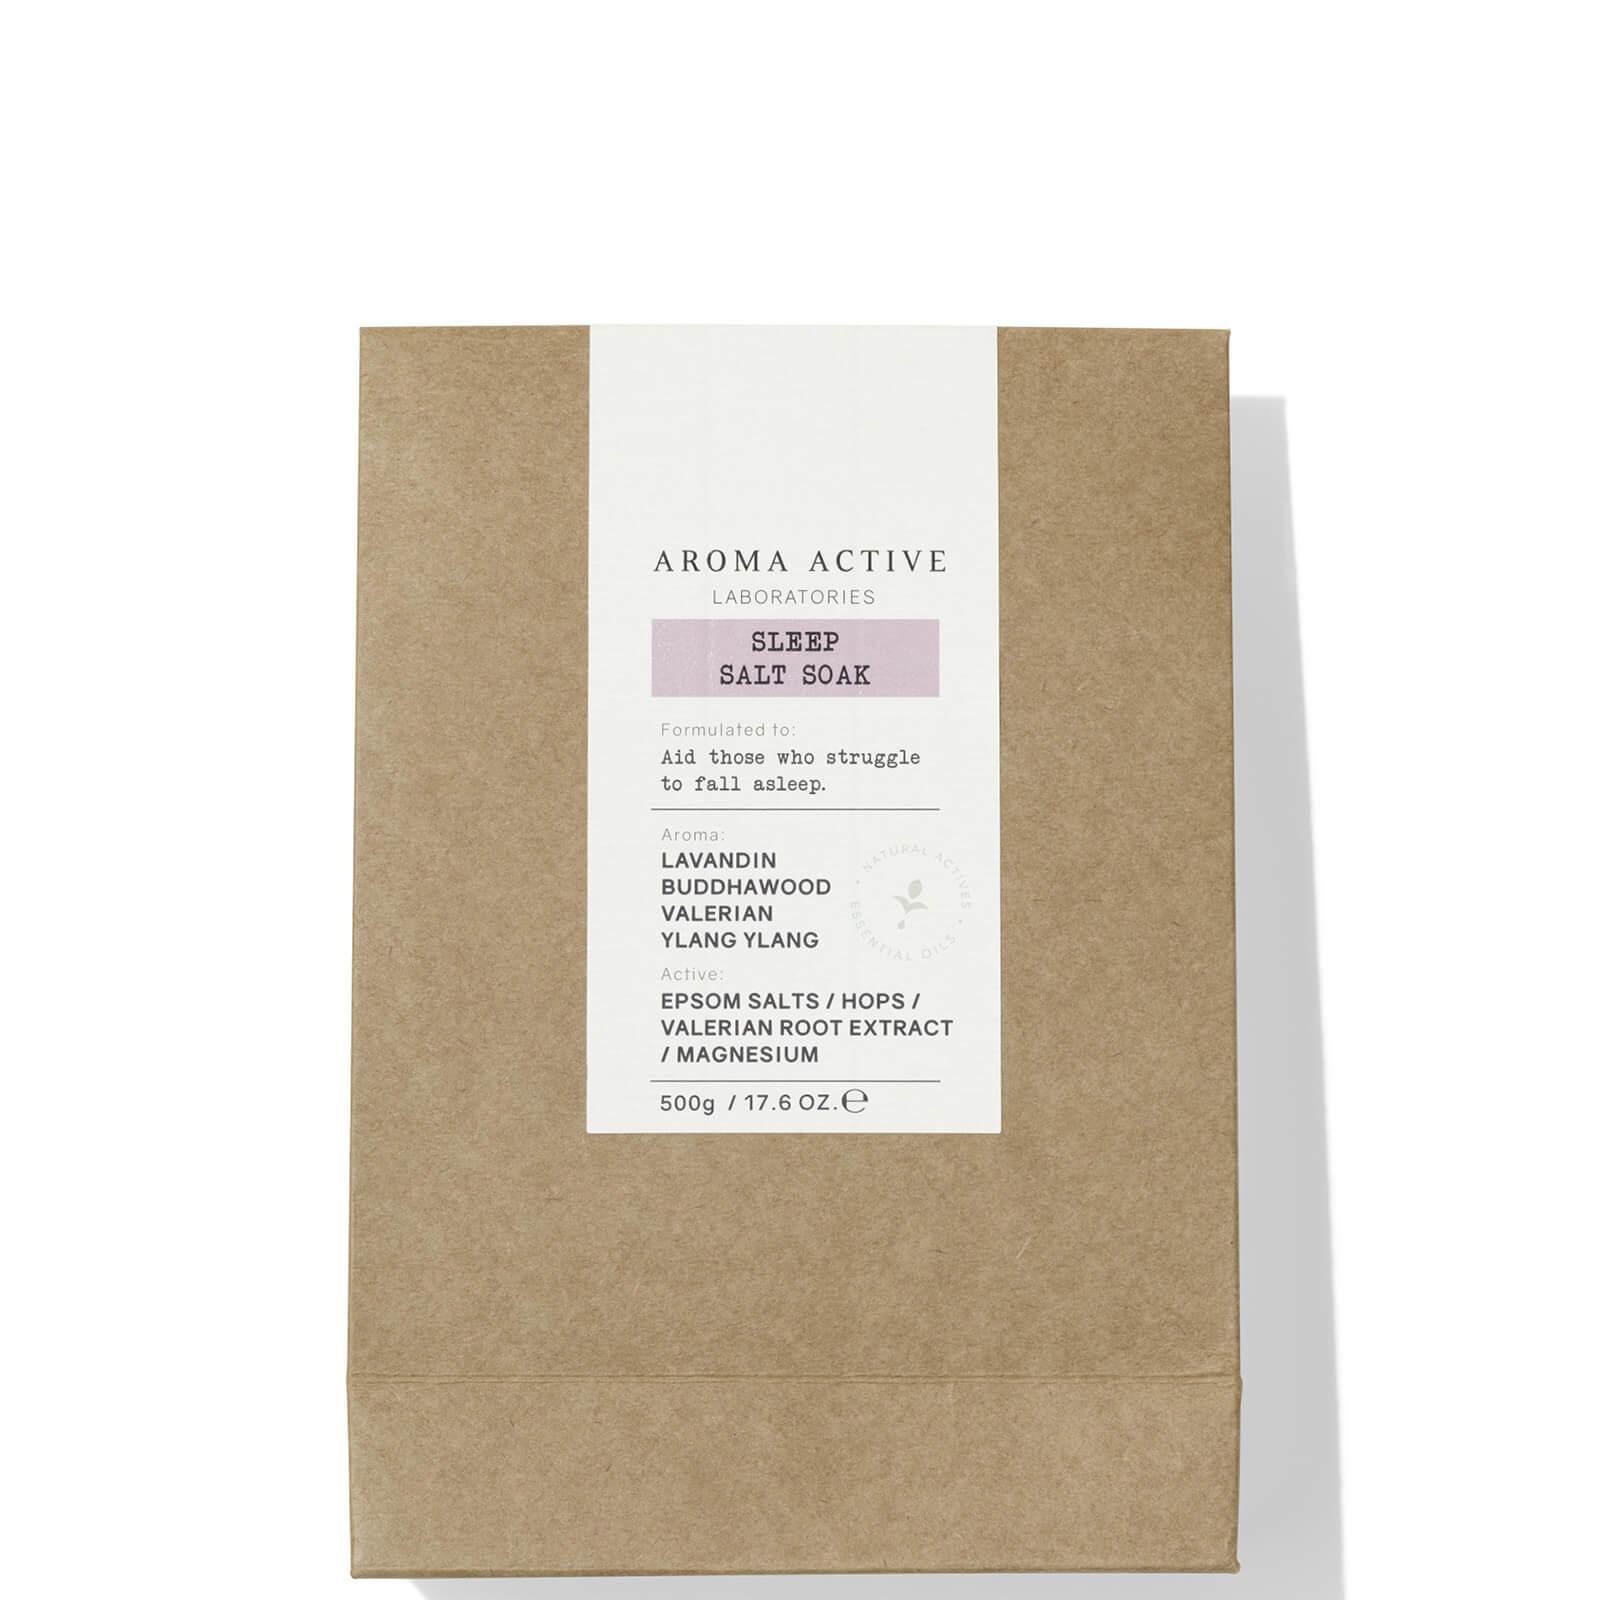 Купить Aroma Active Sleep Salt Soak 500g